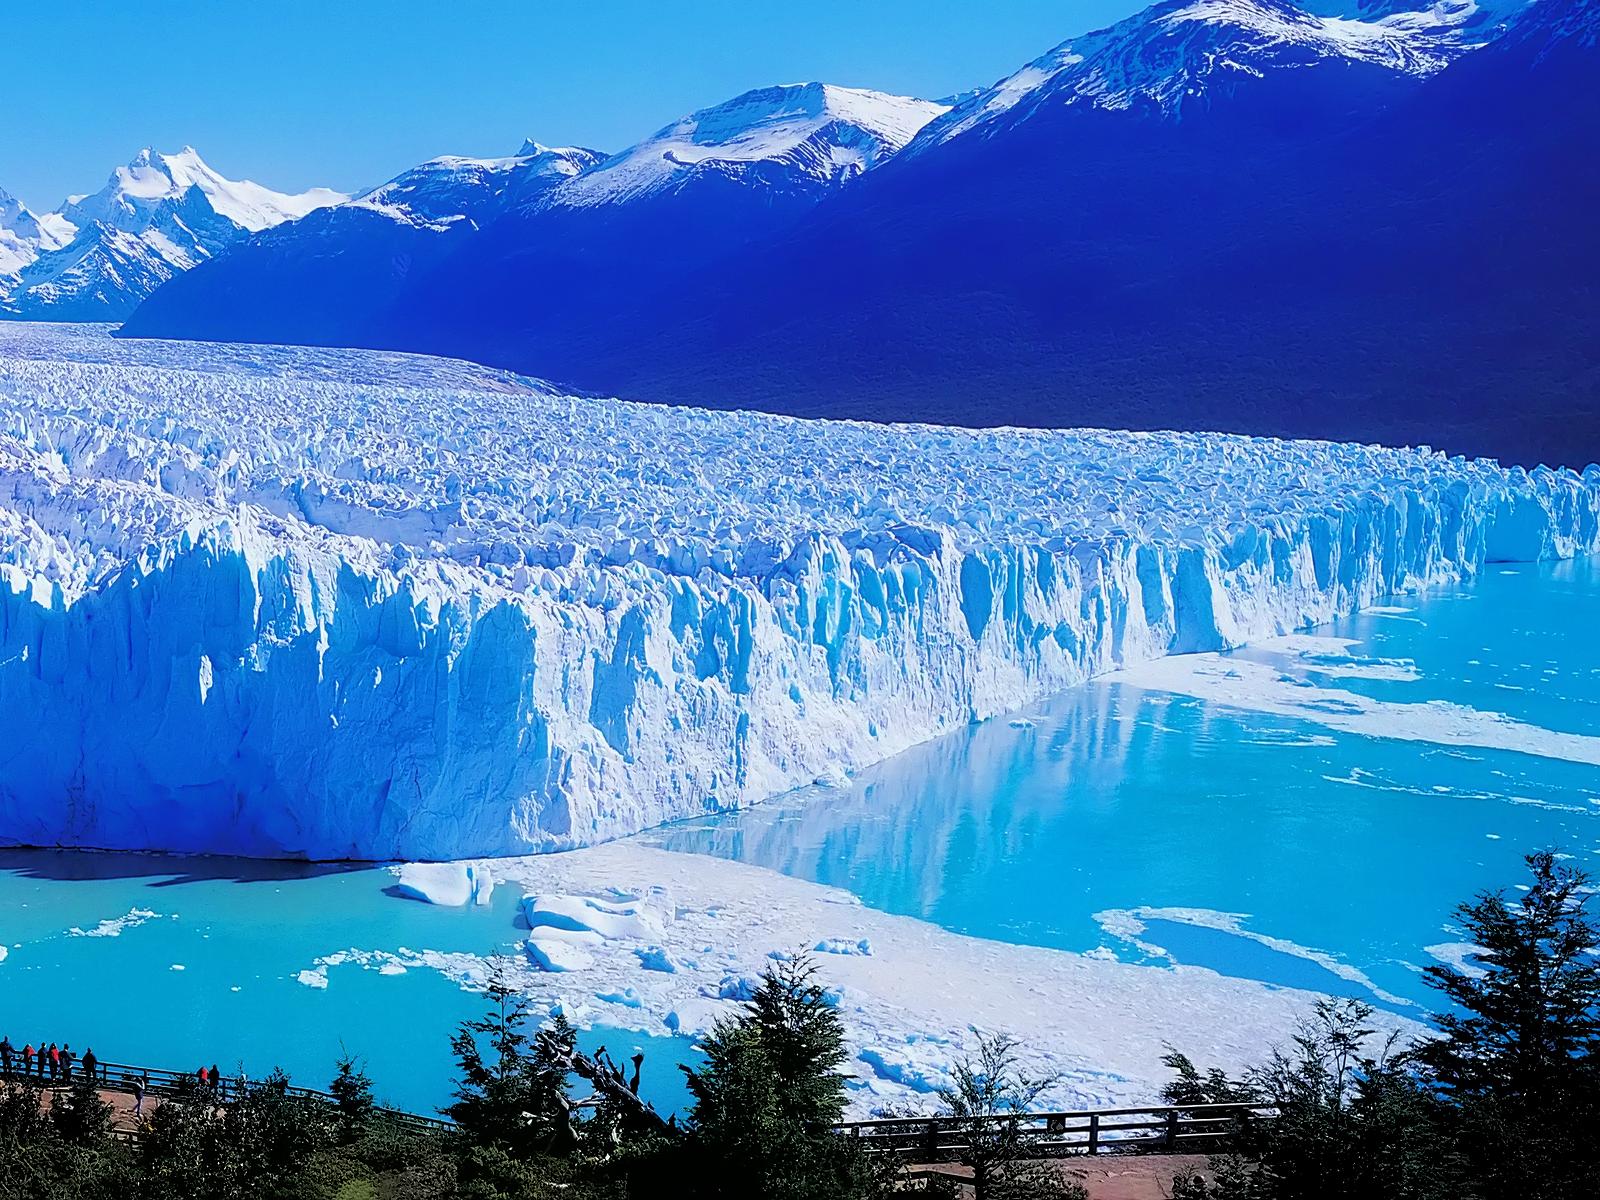 DU LỊCH KHÁM PHÁ ARGENTINA